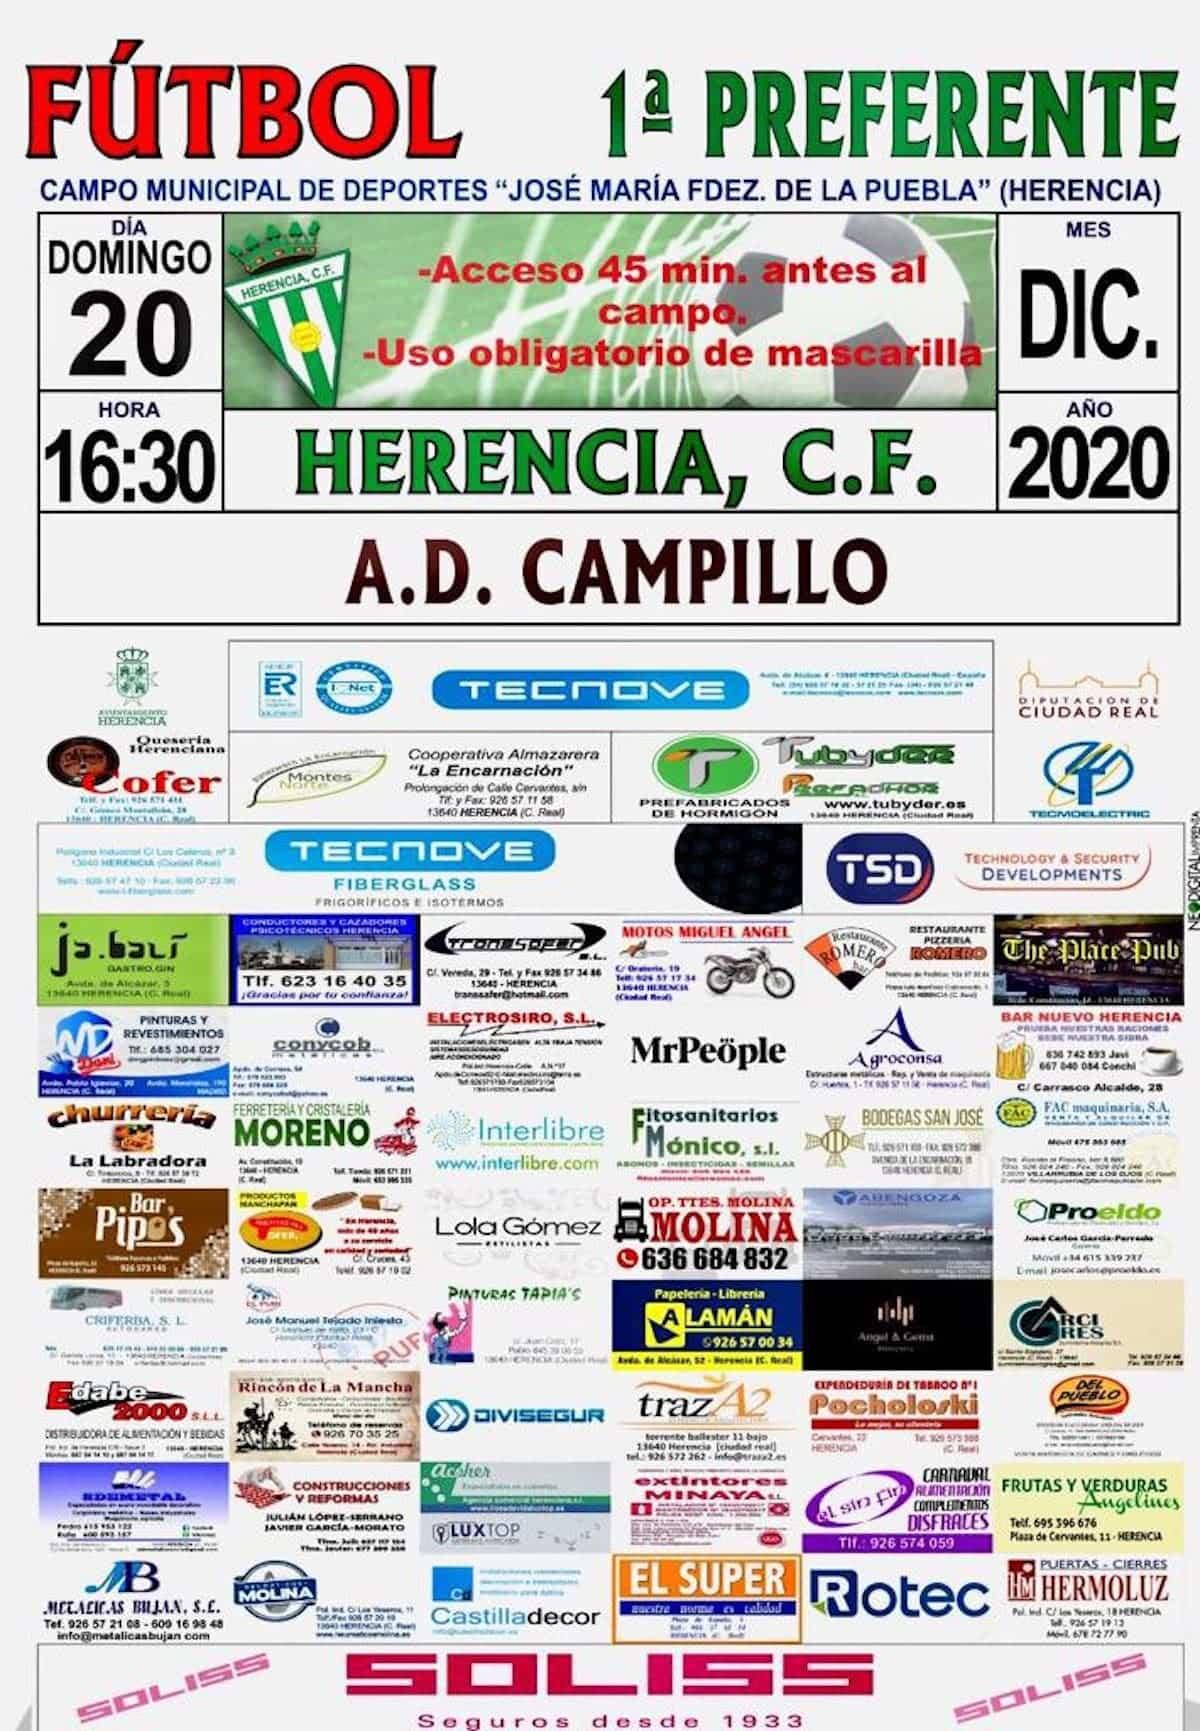 Fútbol en Herencia este fin semana 19 y 20 de diciembre 3